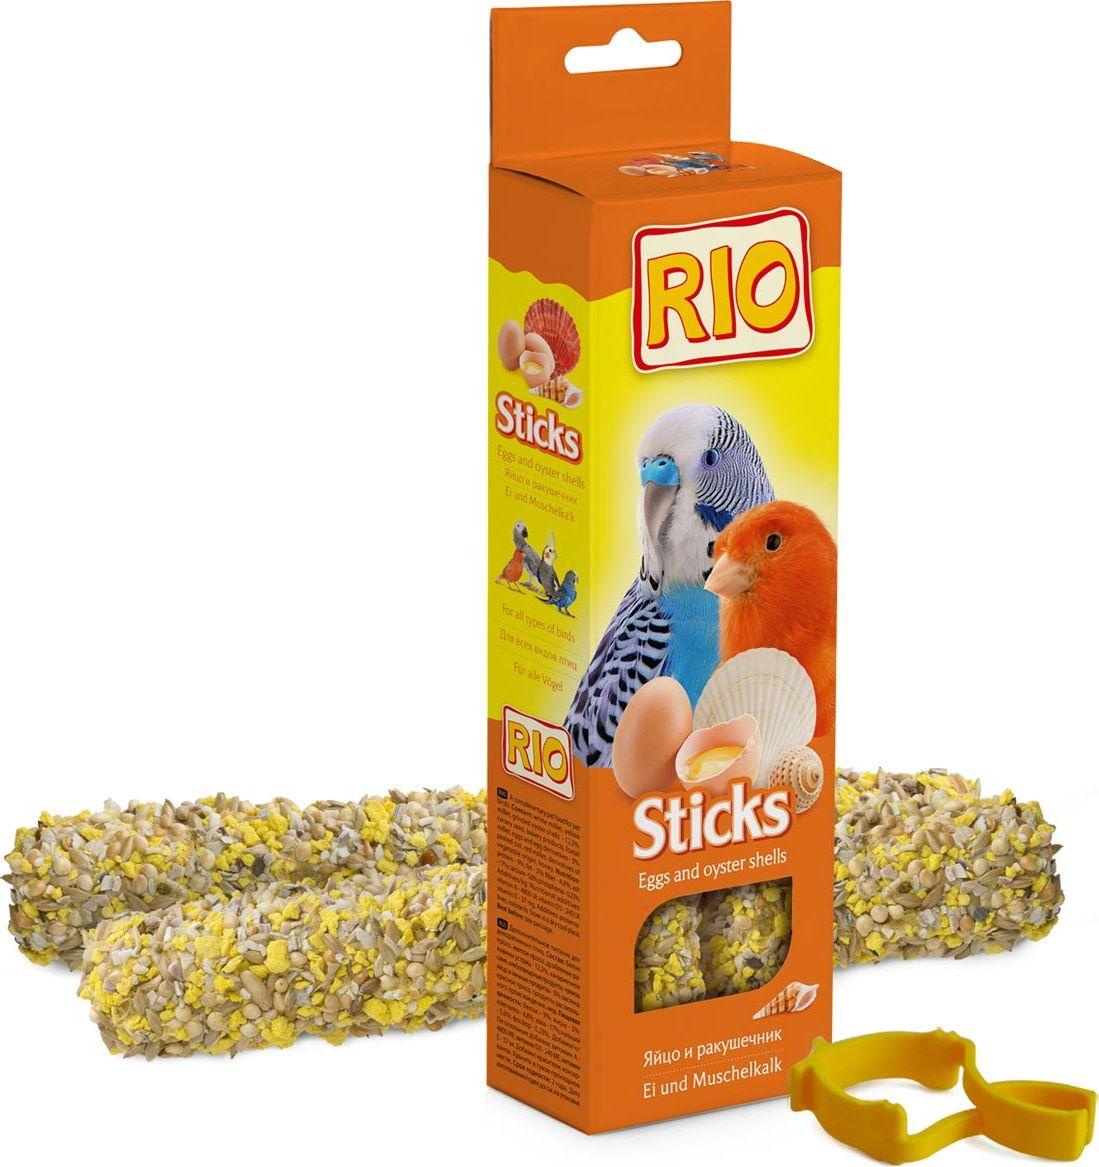 Лакомство для всех видов птиц RIO Sticks, с яйцом и ракушечником, 2 х 40 г56826Лакомство RIO Sticks с яйцом и ракушечником - это дополнительное питание для всех видов птиц. В процессе производства палочки запекают в специальных печах особым способом, это обеспечивает превосходный вкус и хрустящую консистенцию.Лакомство имеет буковый стержень, который отлично подходит для чистки клюва.В комплект входит съемный держатель.Товар сертифицирован.